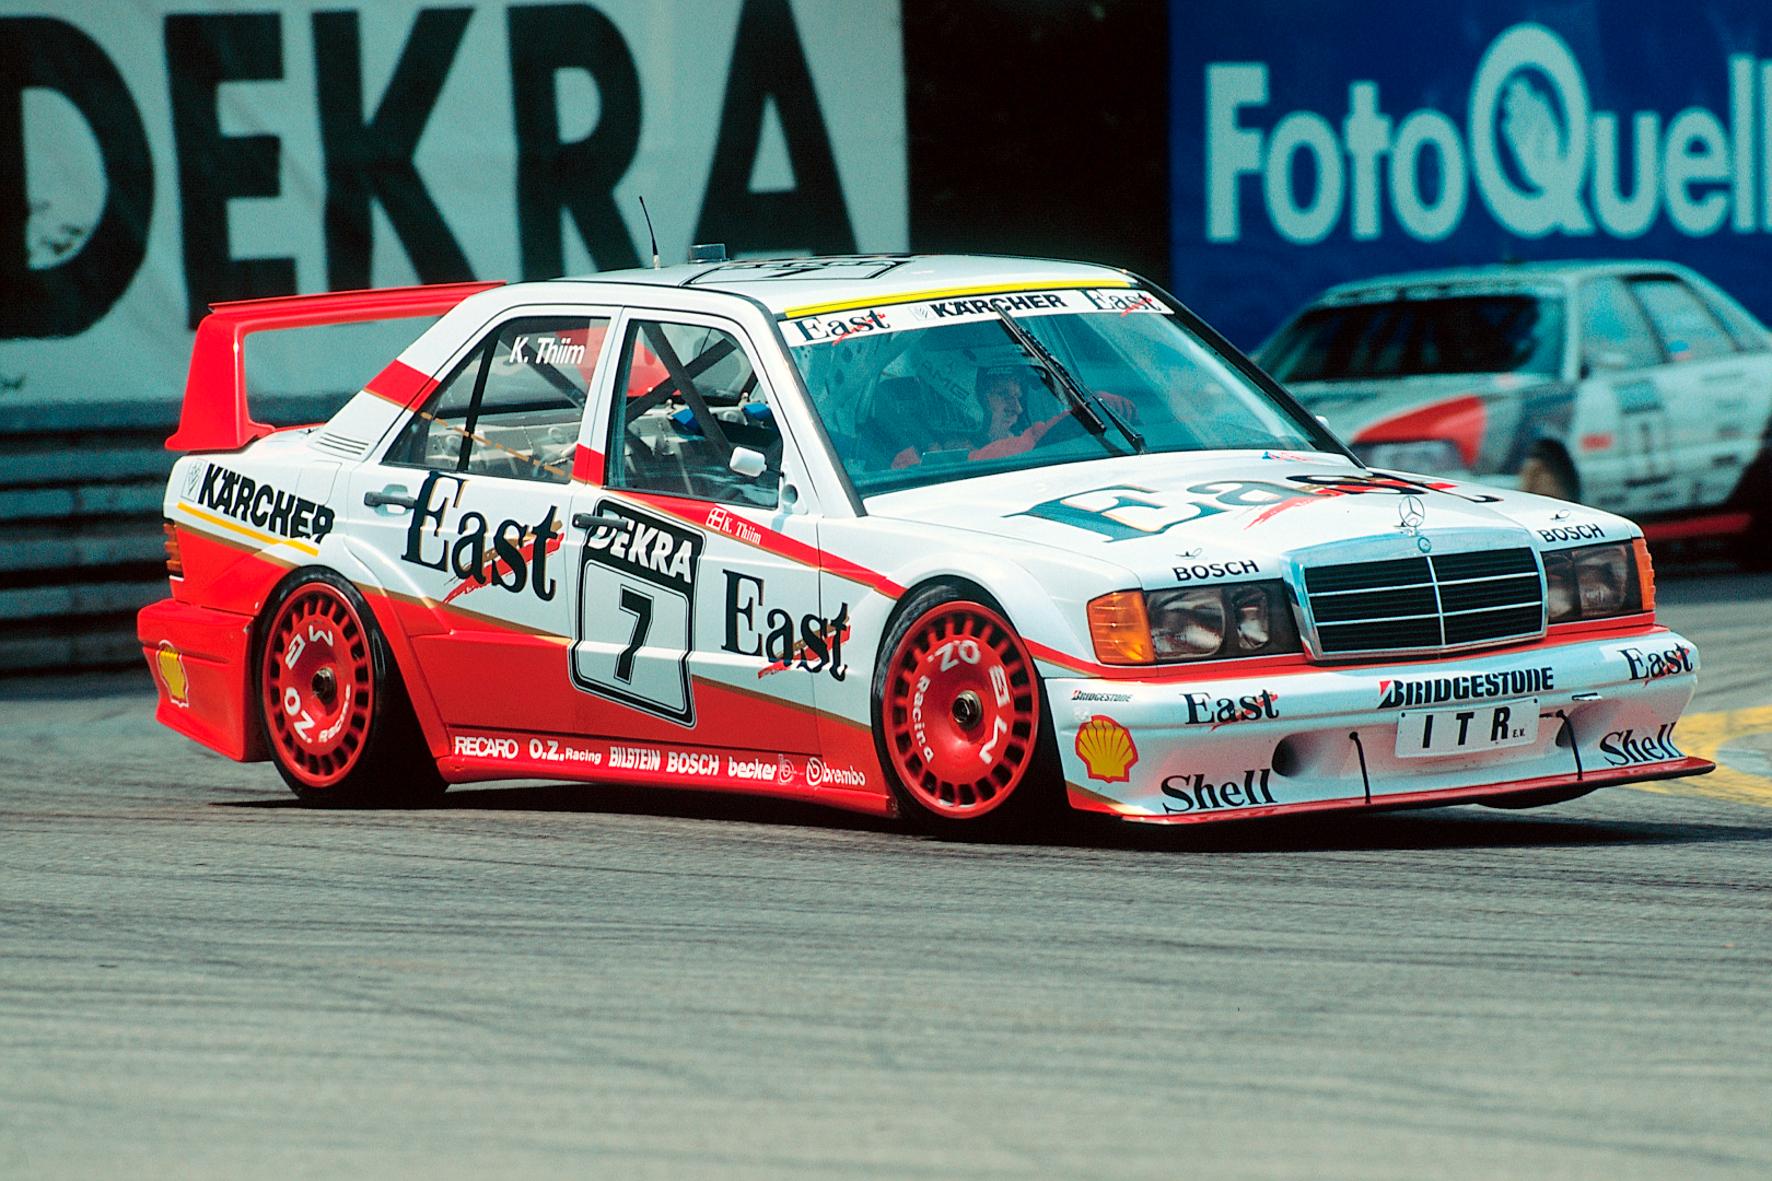 mid Groß-Gerau - Erinnerungen an die Tourenwagen-Saison 1991: Der Däne Kurt Thiim lässt den Mercedes-Benz 190 E 2.5-16 Evo II fliegen.